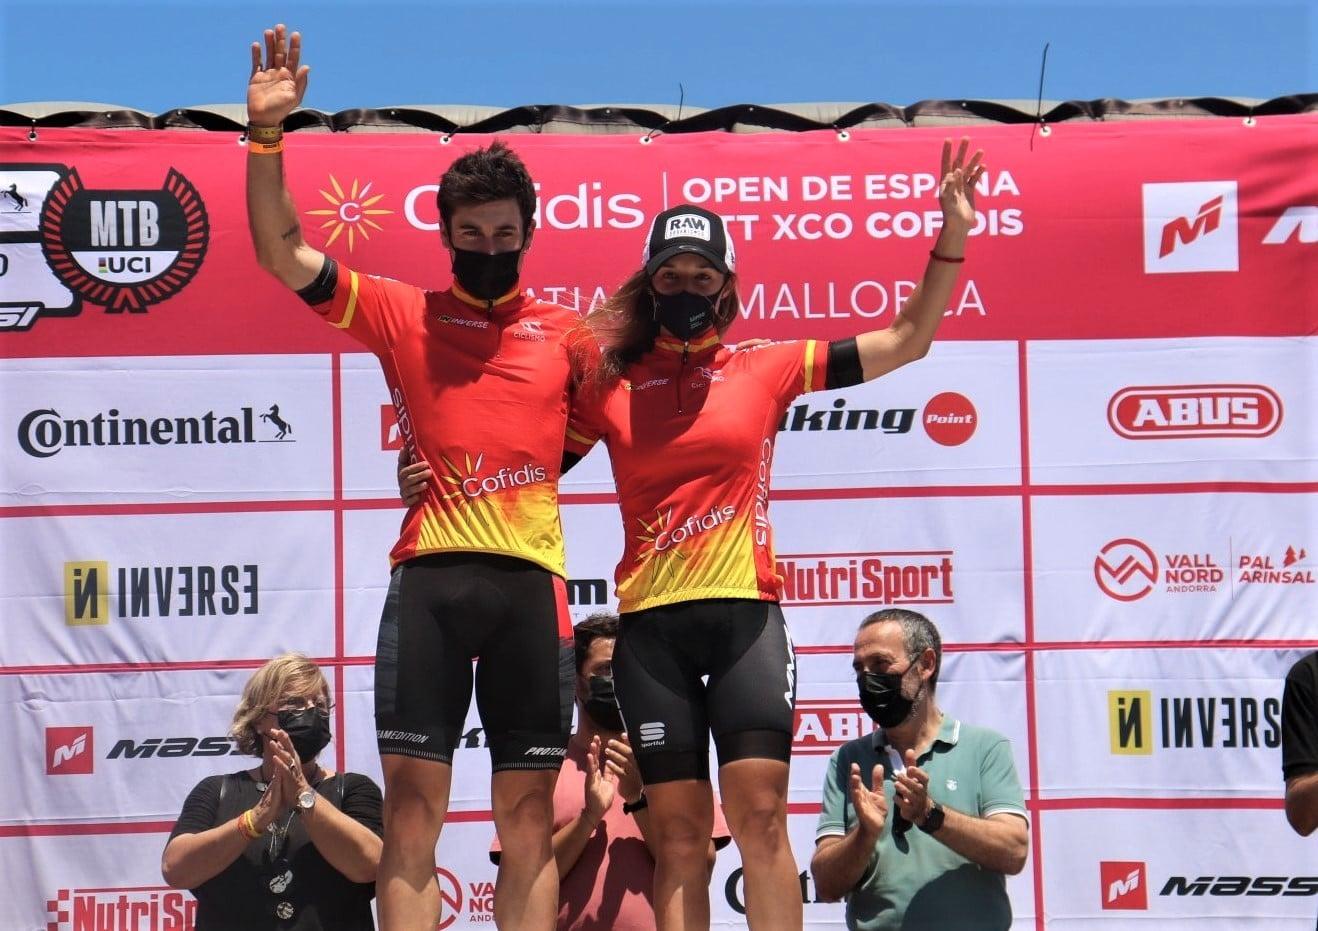 Cristofer Bosque Txell Figueras Open de España XCO Cala Ratjada